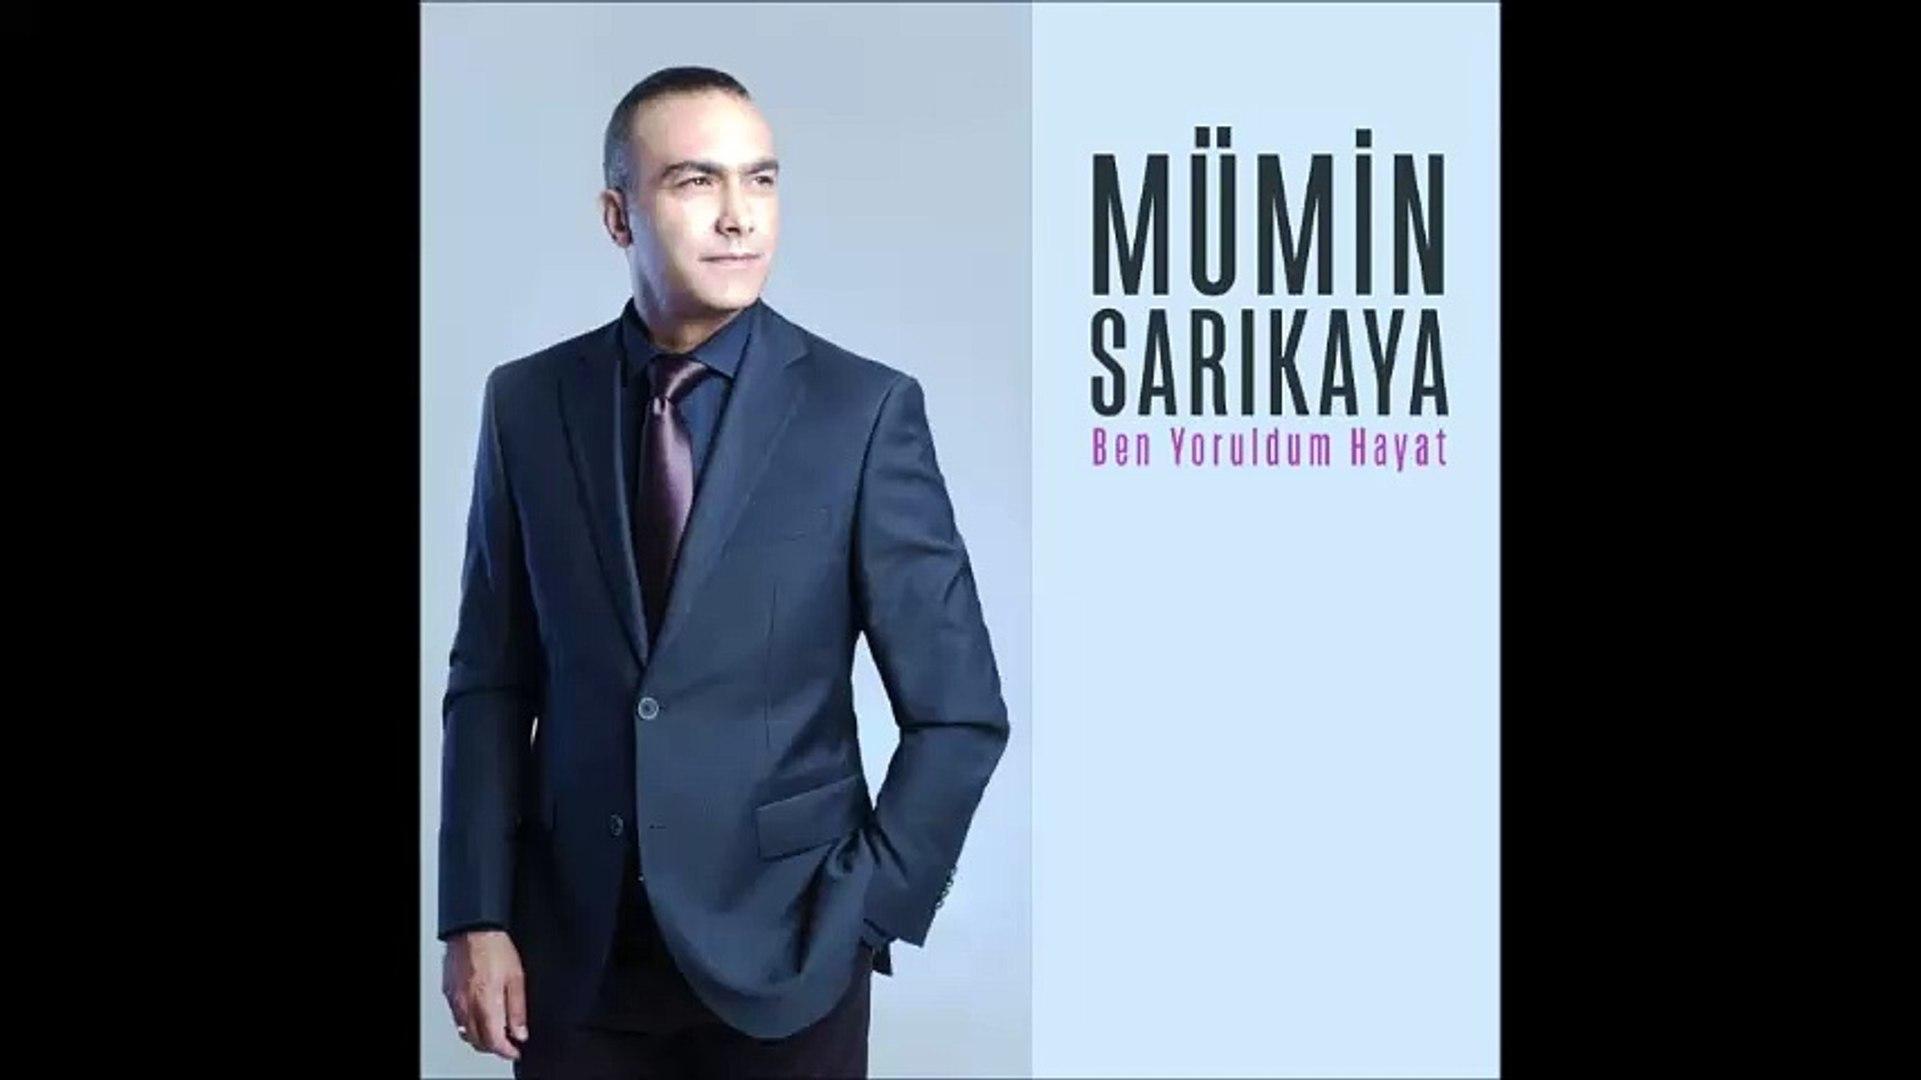 Mumin Sarikaya - Kerkukun Zindanina Attilar Beni ( 2016 )